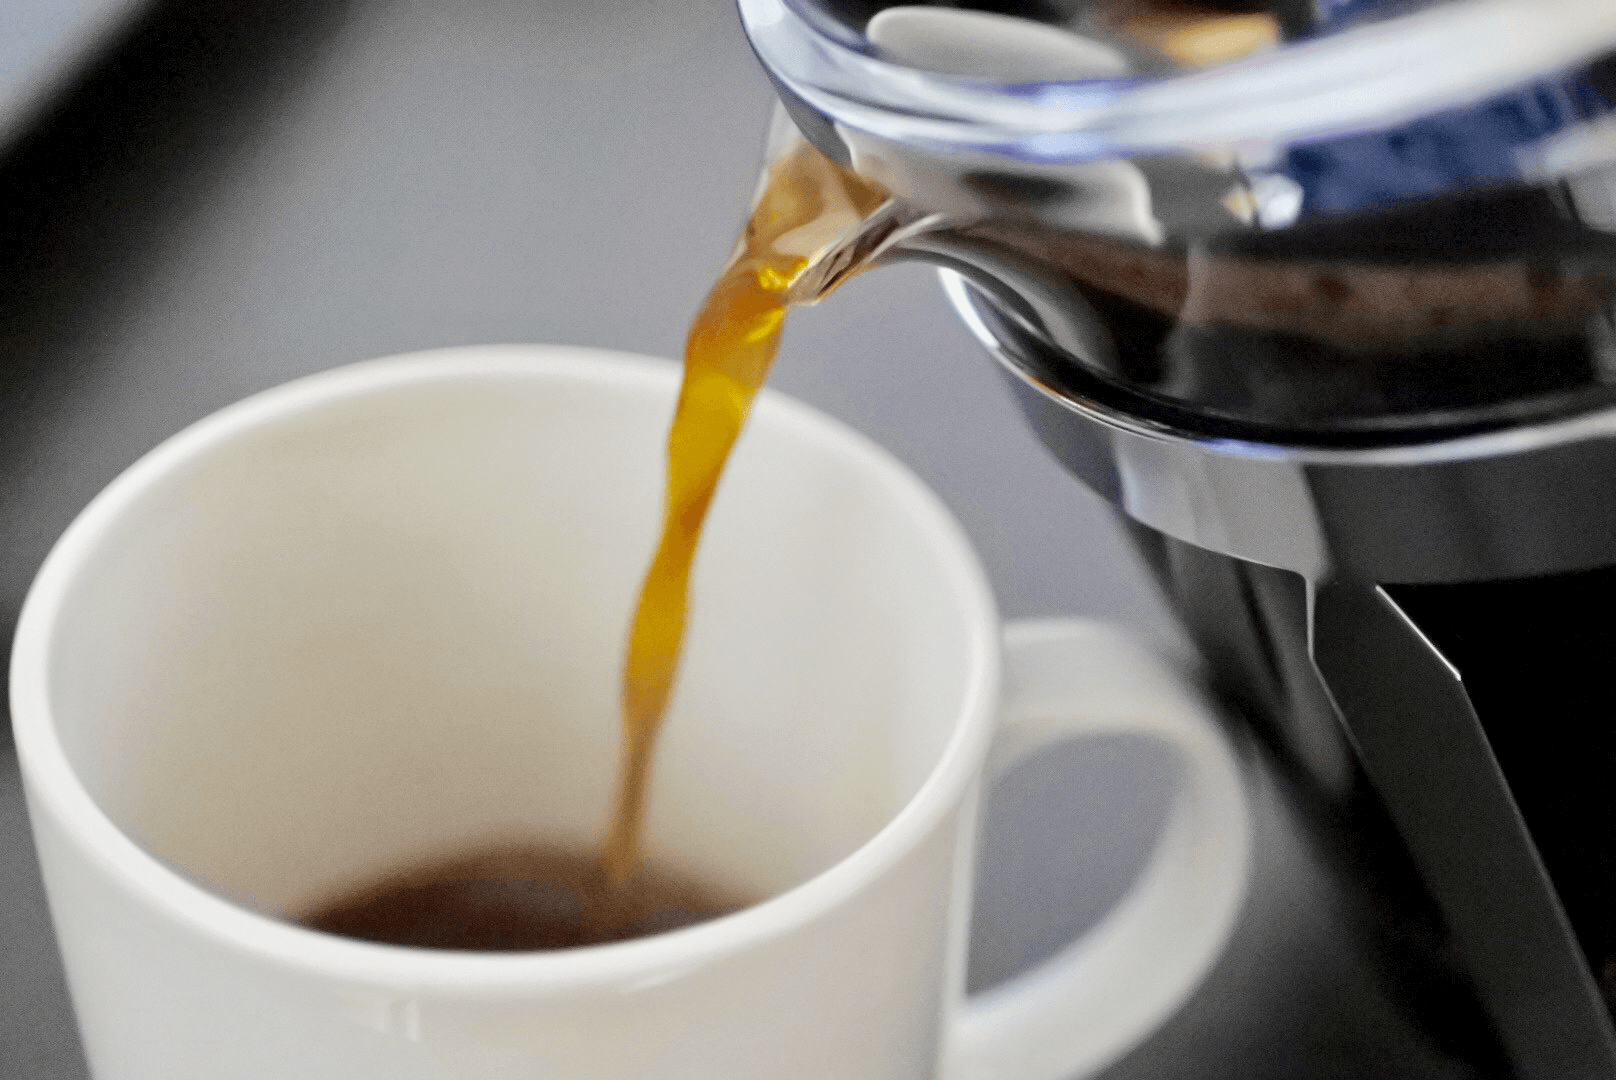 美味しいコーヒーを自宅で簡単に。BODUMのフレンチプレスコーヒーメーカー